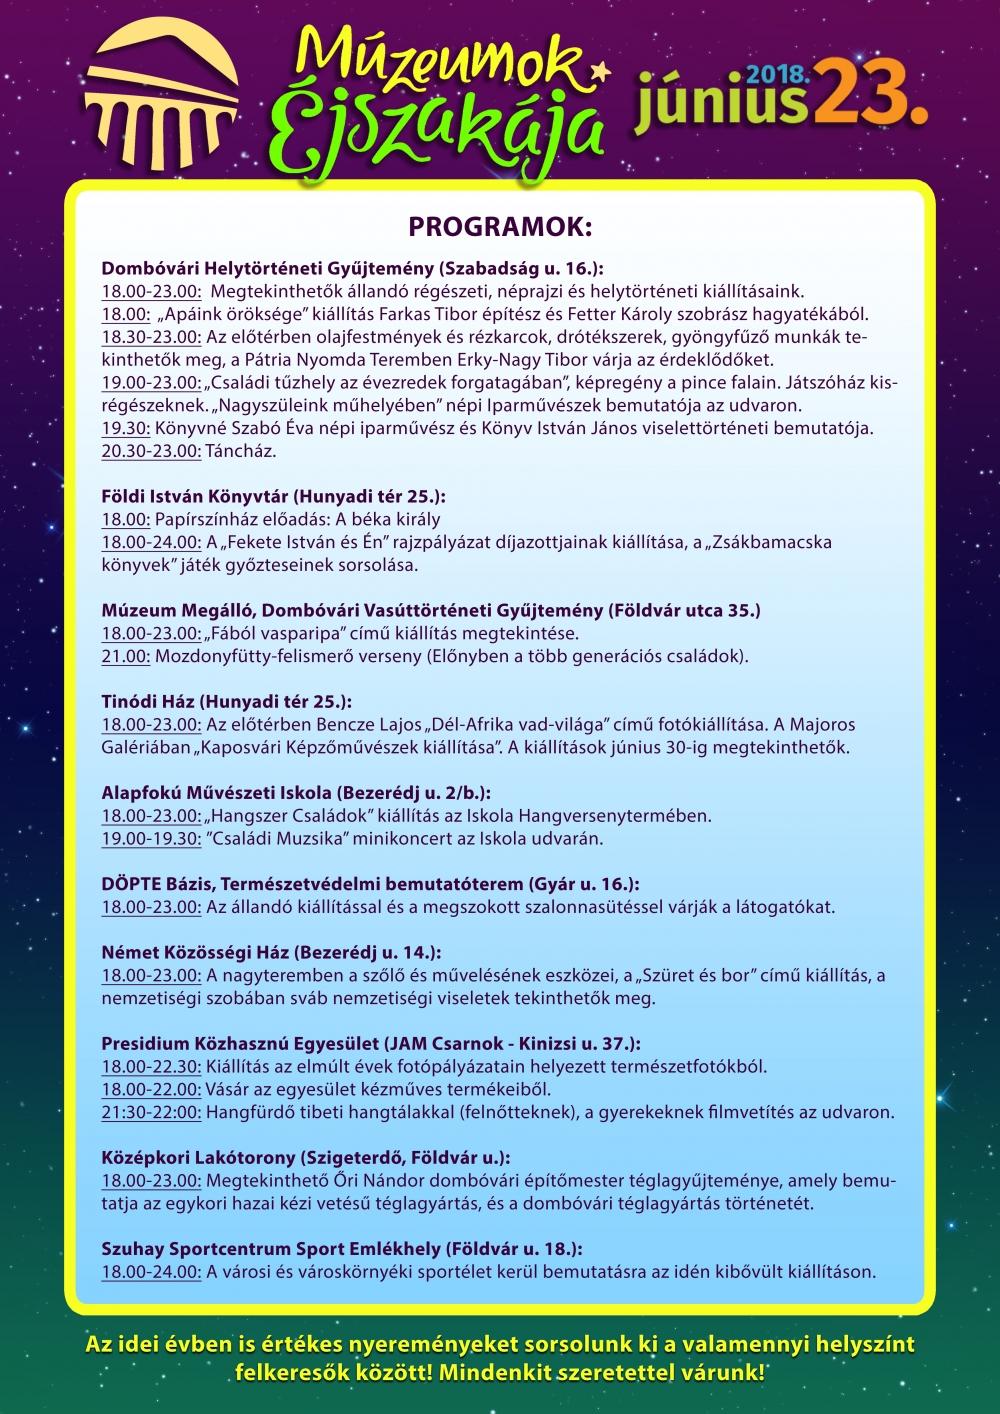 Múzeumok Éjszakája 2018. programok